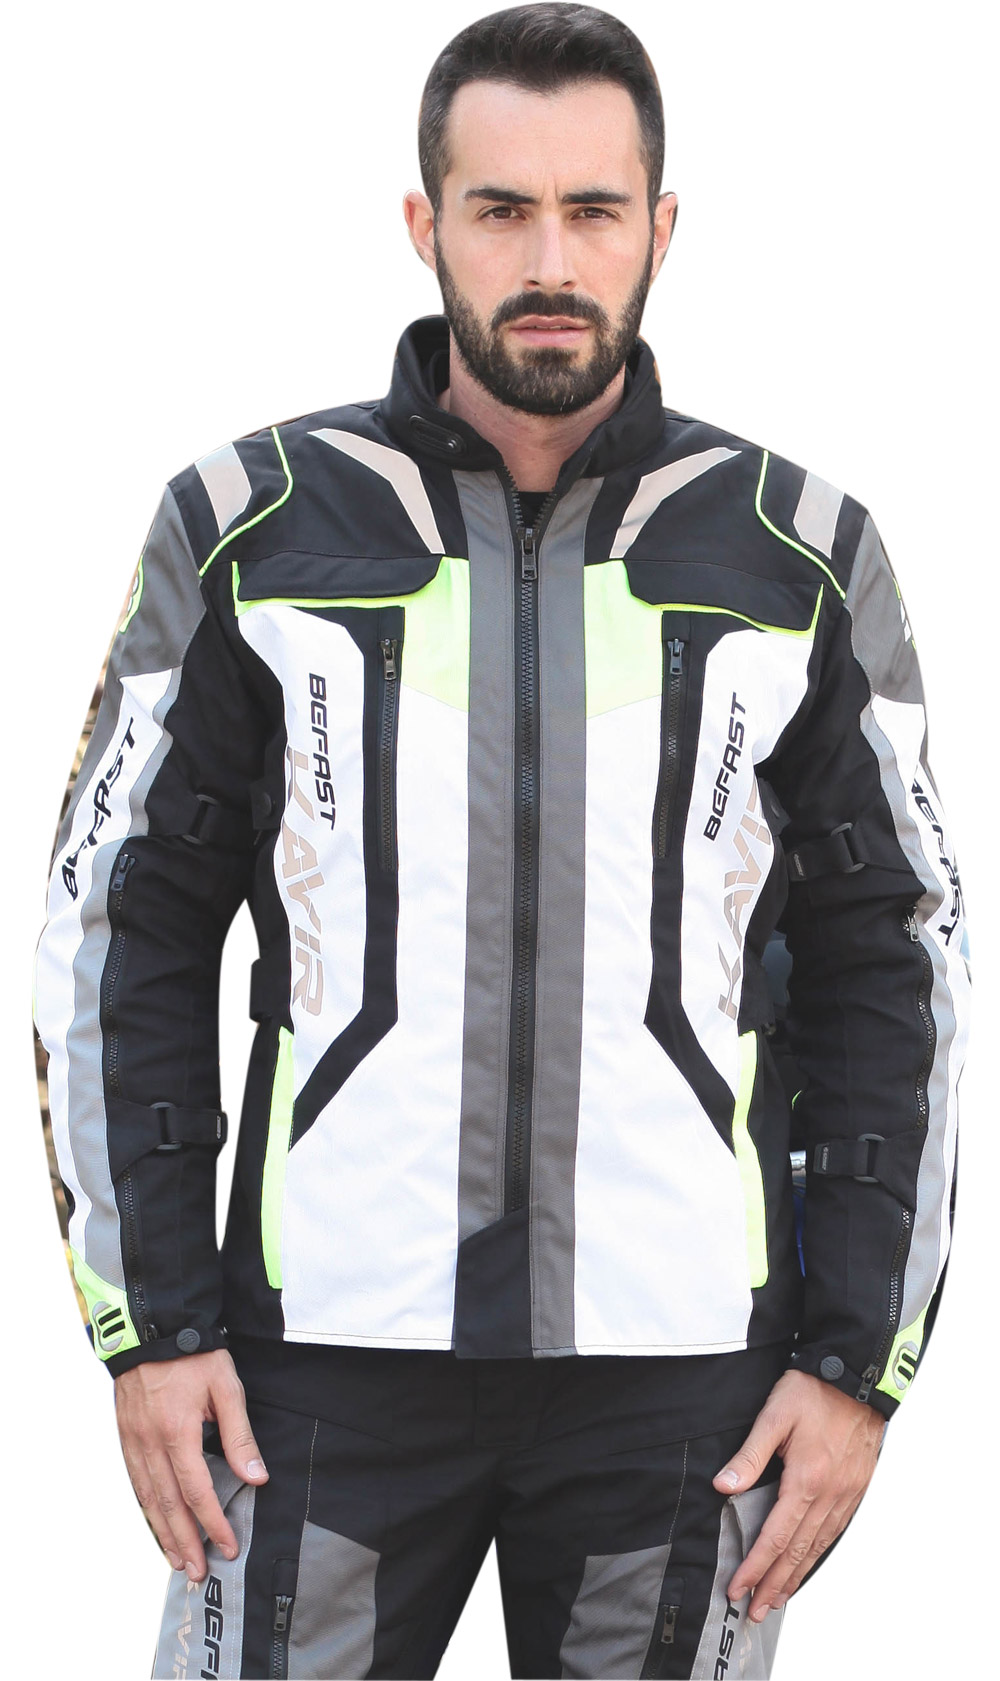 Giacca moto Befast Kavir 4 stagioni Giallo fluo